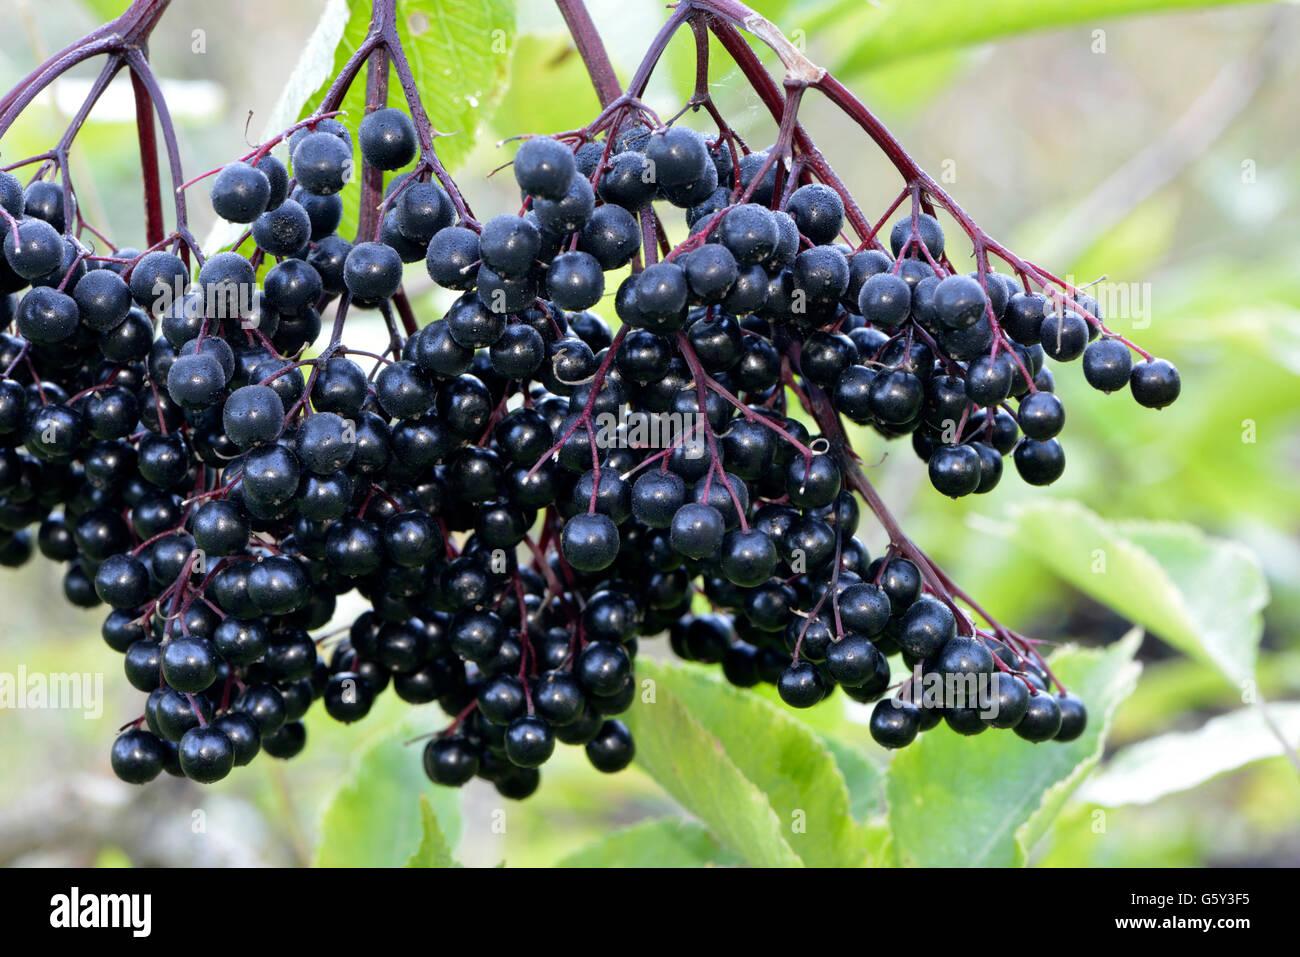 Elder berries / (Sambucus nigra) / Elder, Elderberry, Black Elder, European Elder - Stock Image